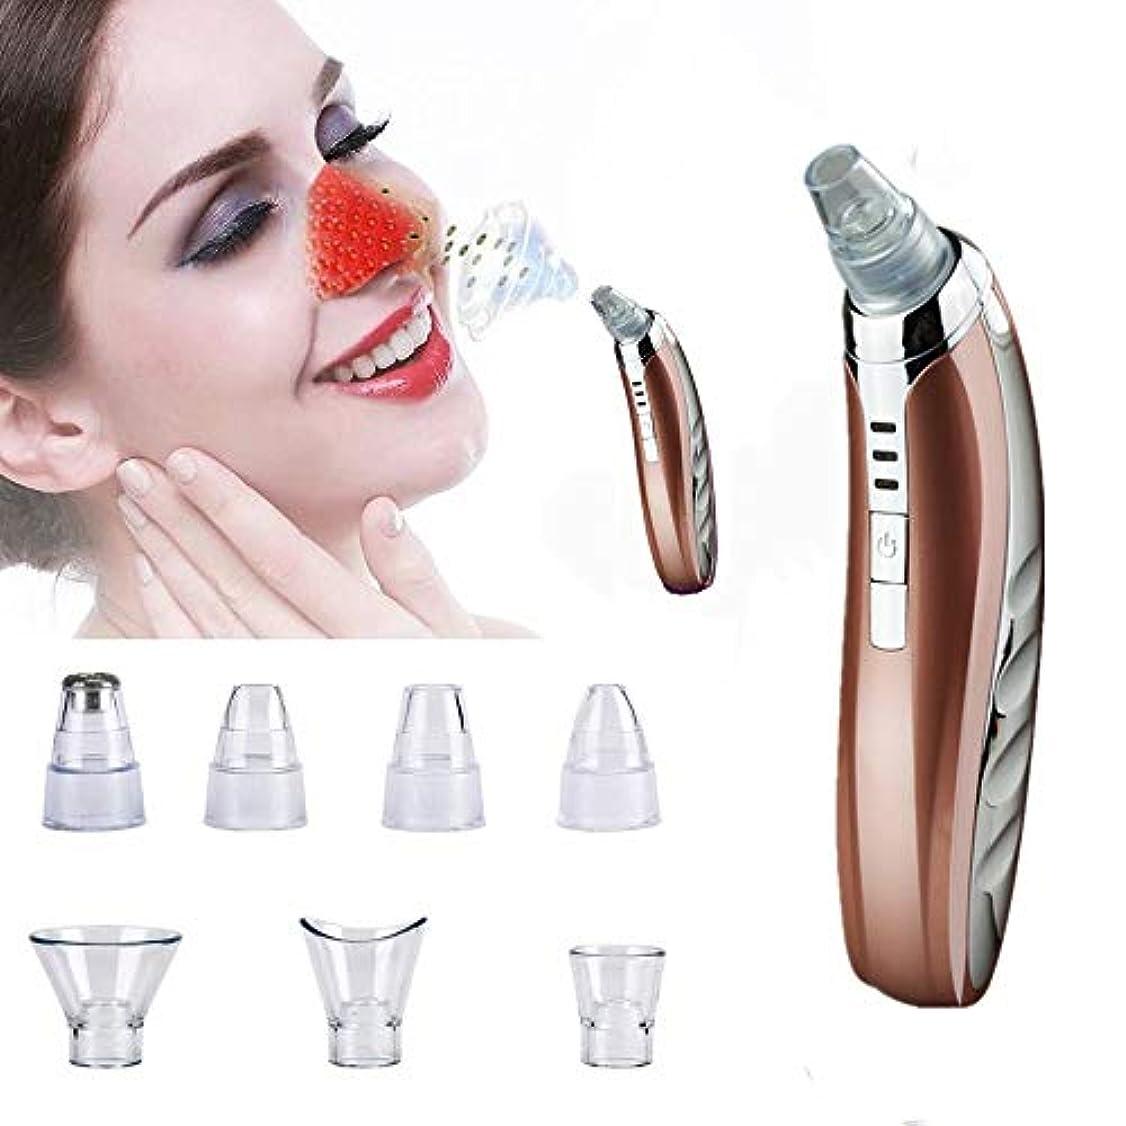 にきび除去ツール、にきび除去剤、電気マイクロダーマブレーション顔の毛穴クリーナーキット、多機能ダイヤモンド真空吸引カッピング装置